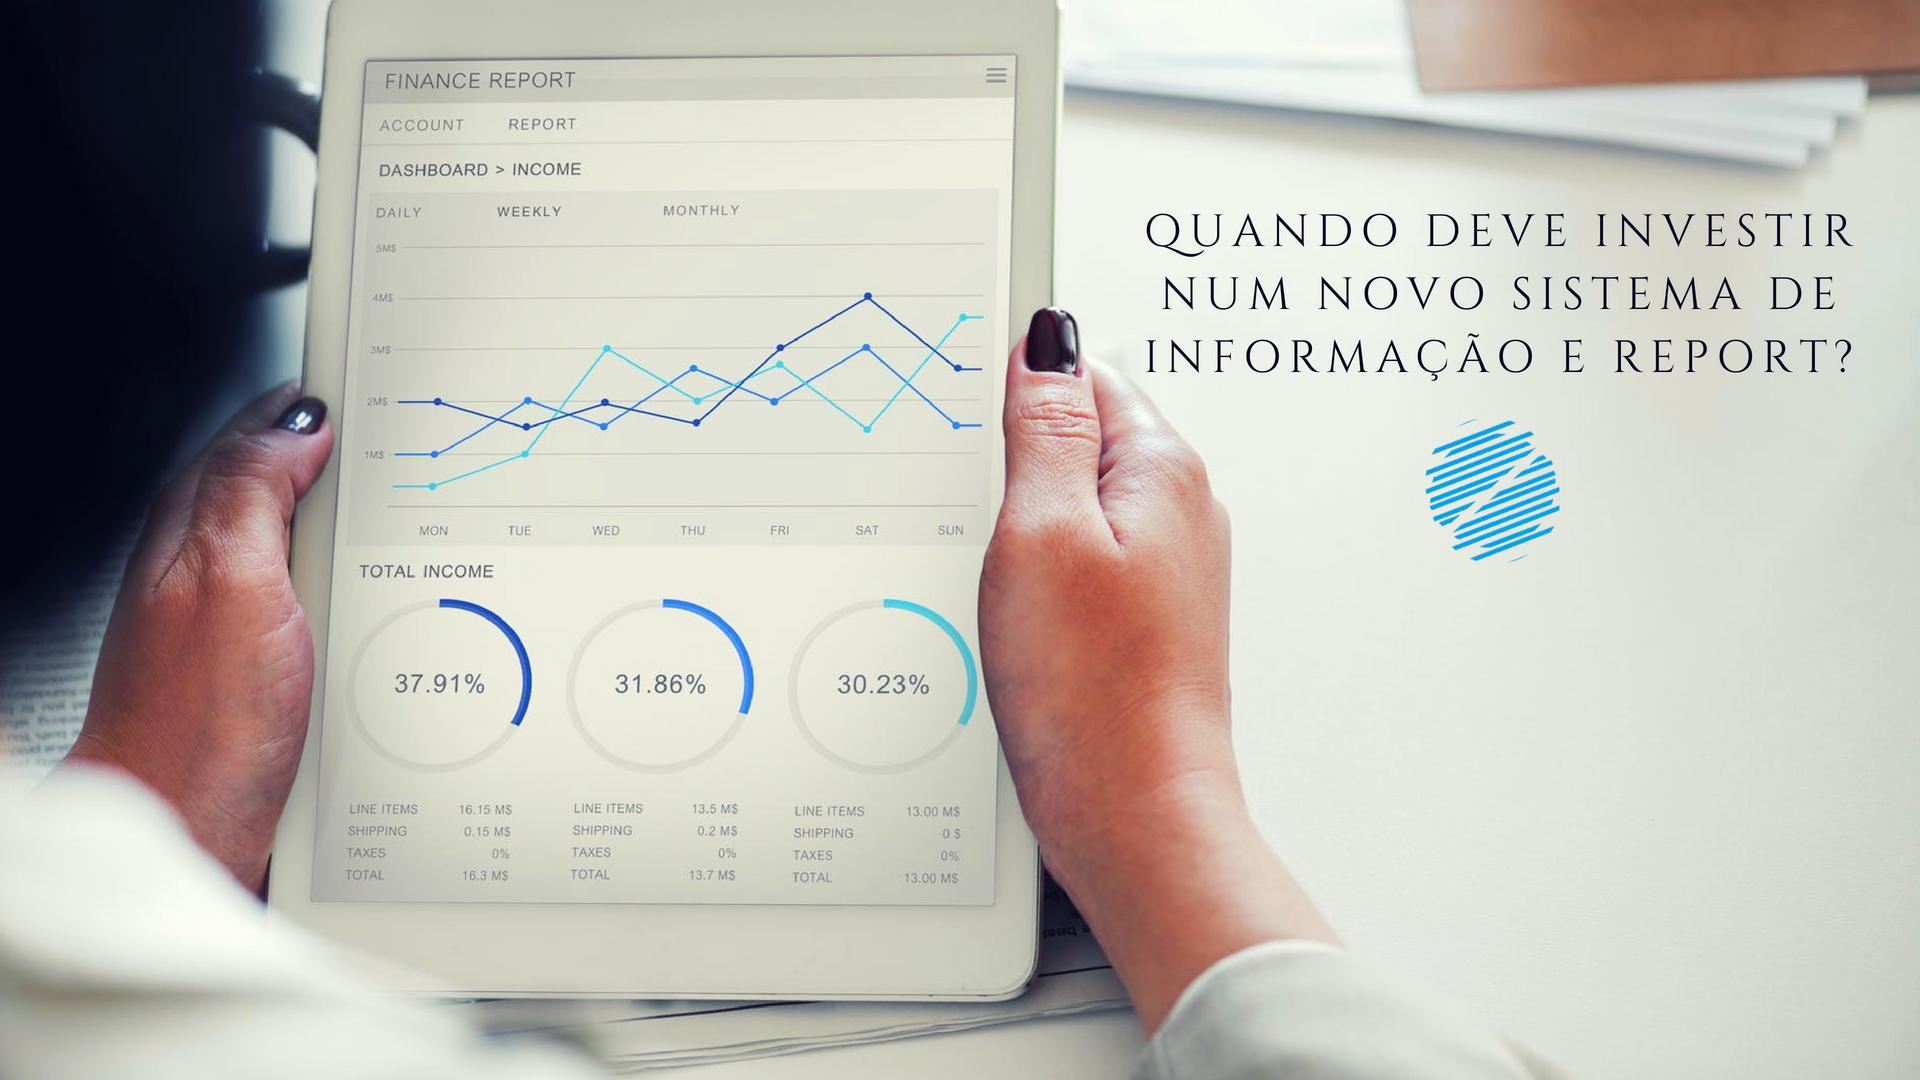 Quando deve investir num novo sistema de informação?